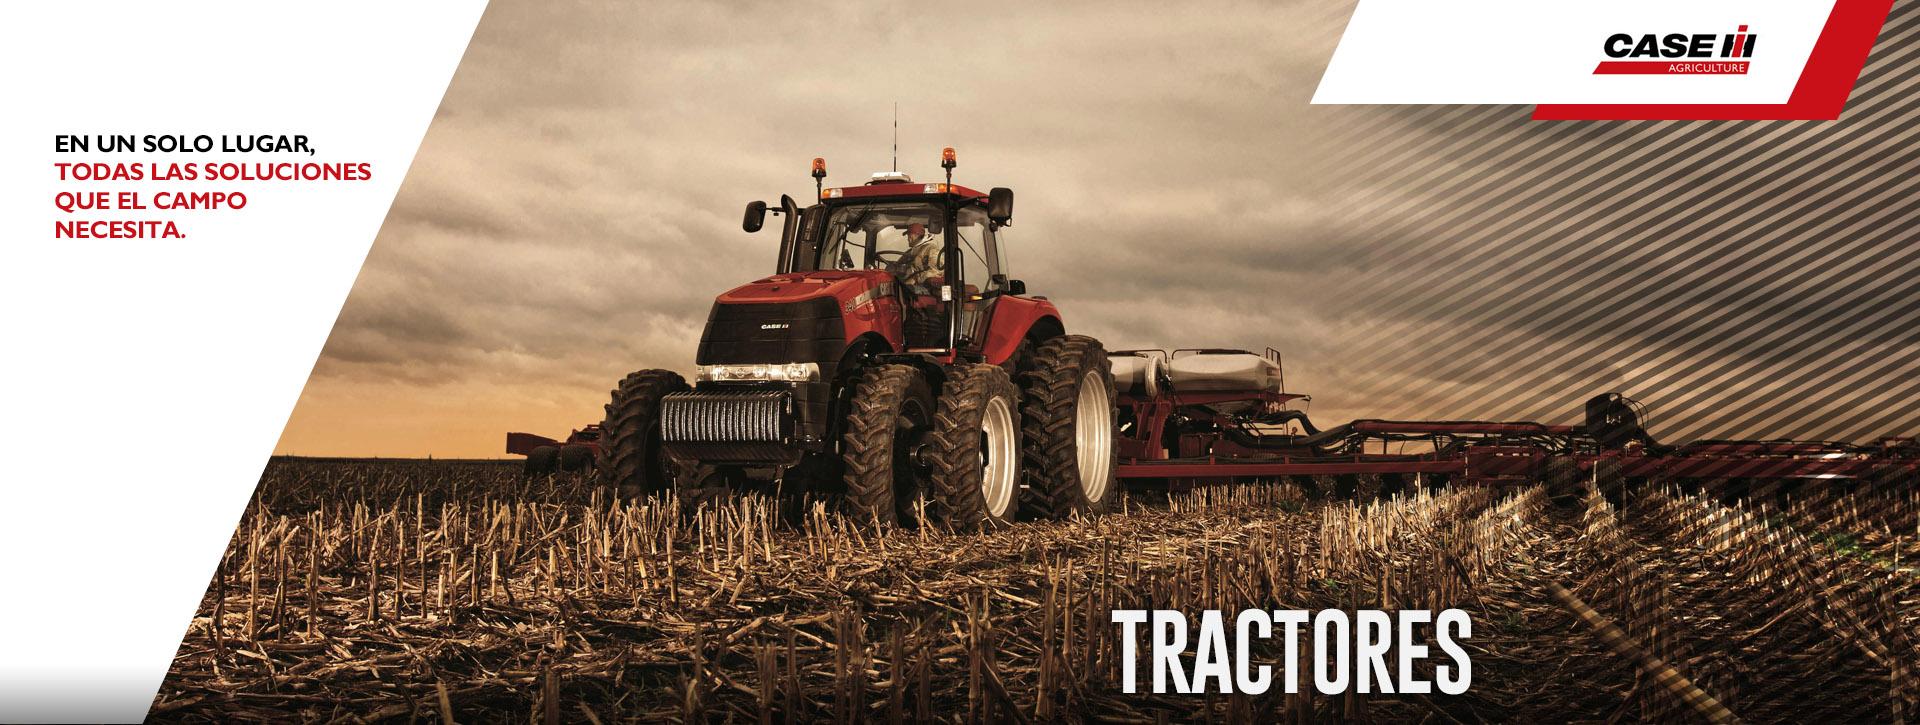 Agricola-Noroeste-Tractores-CASE-IH (2)